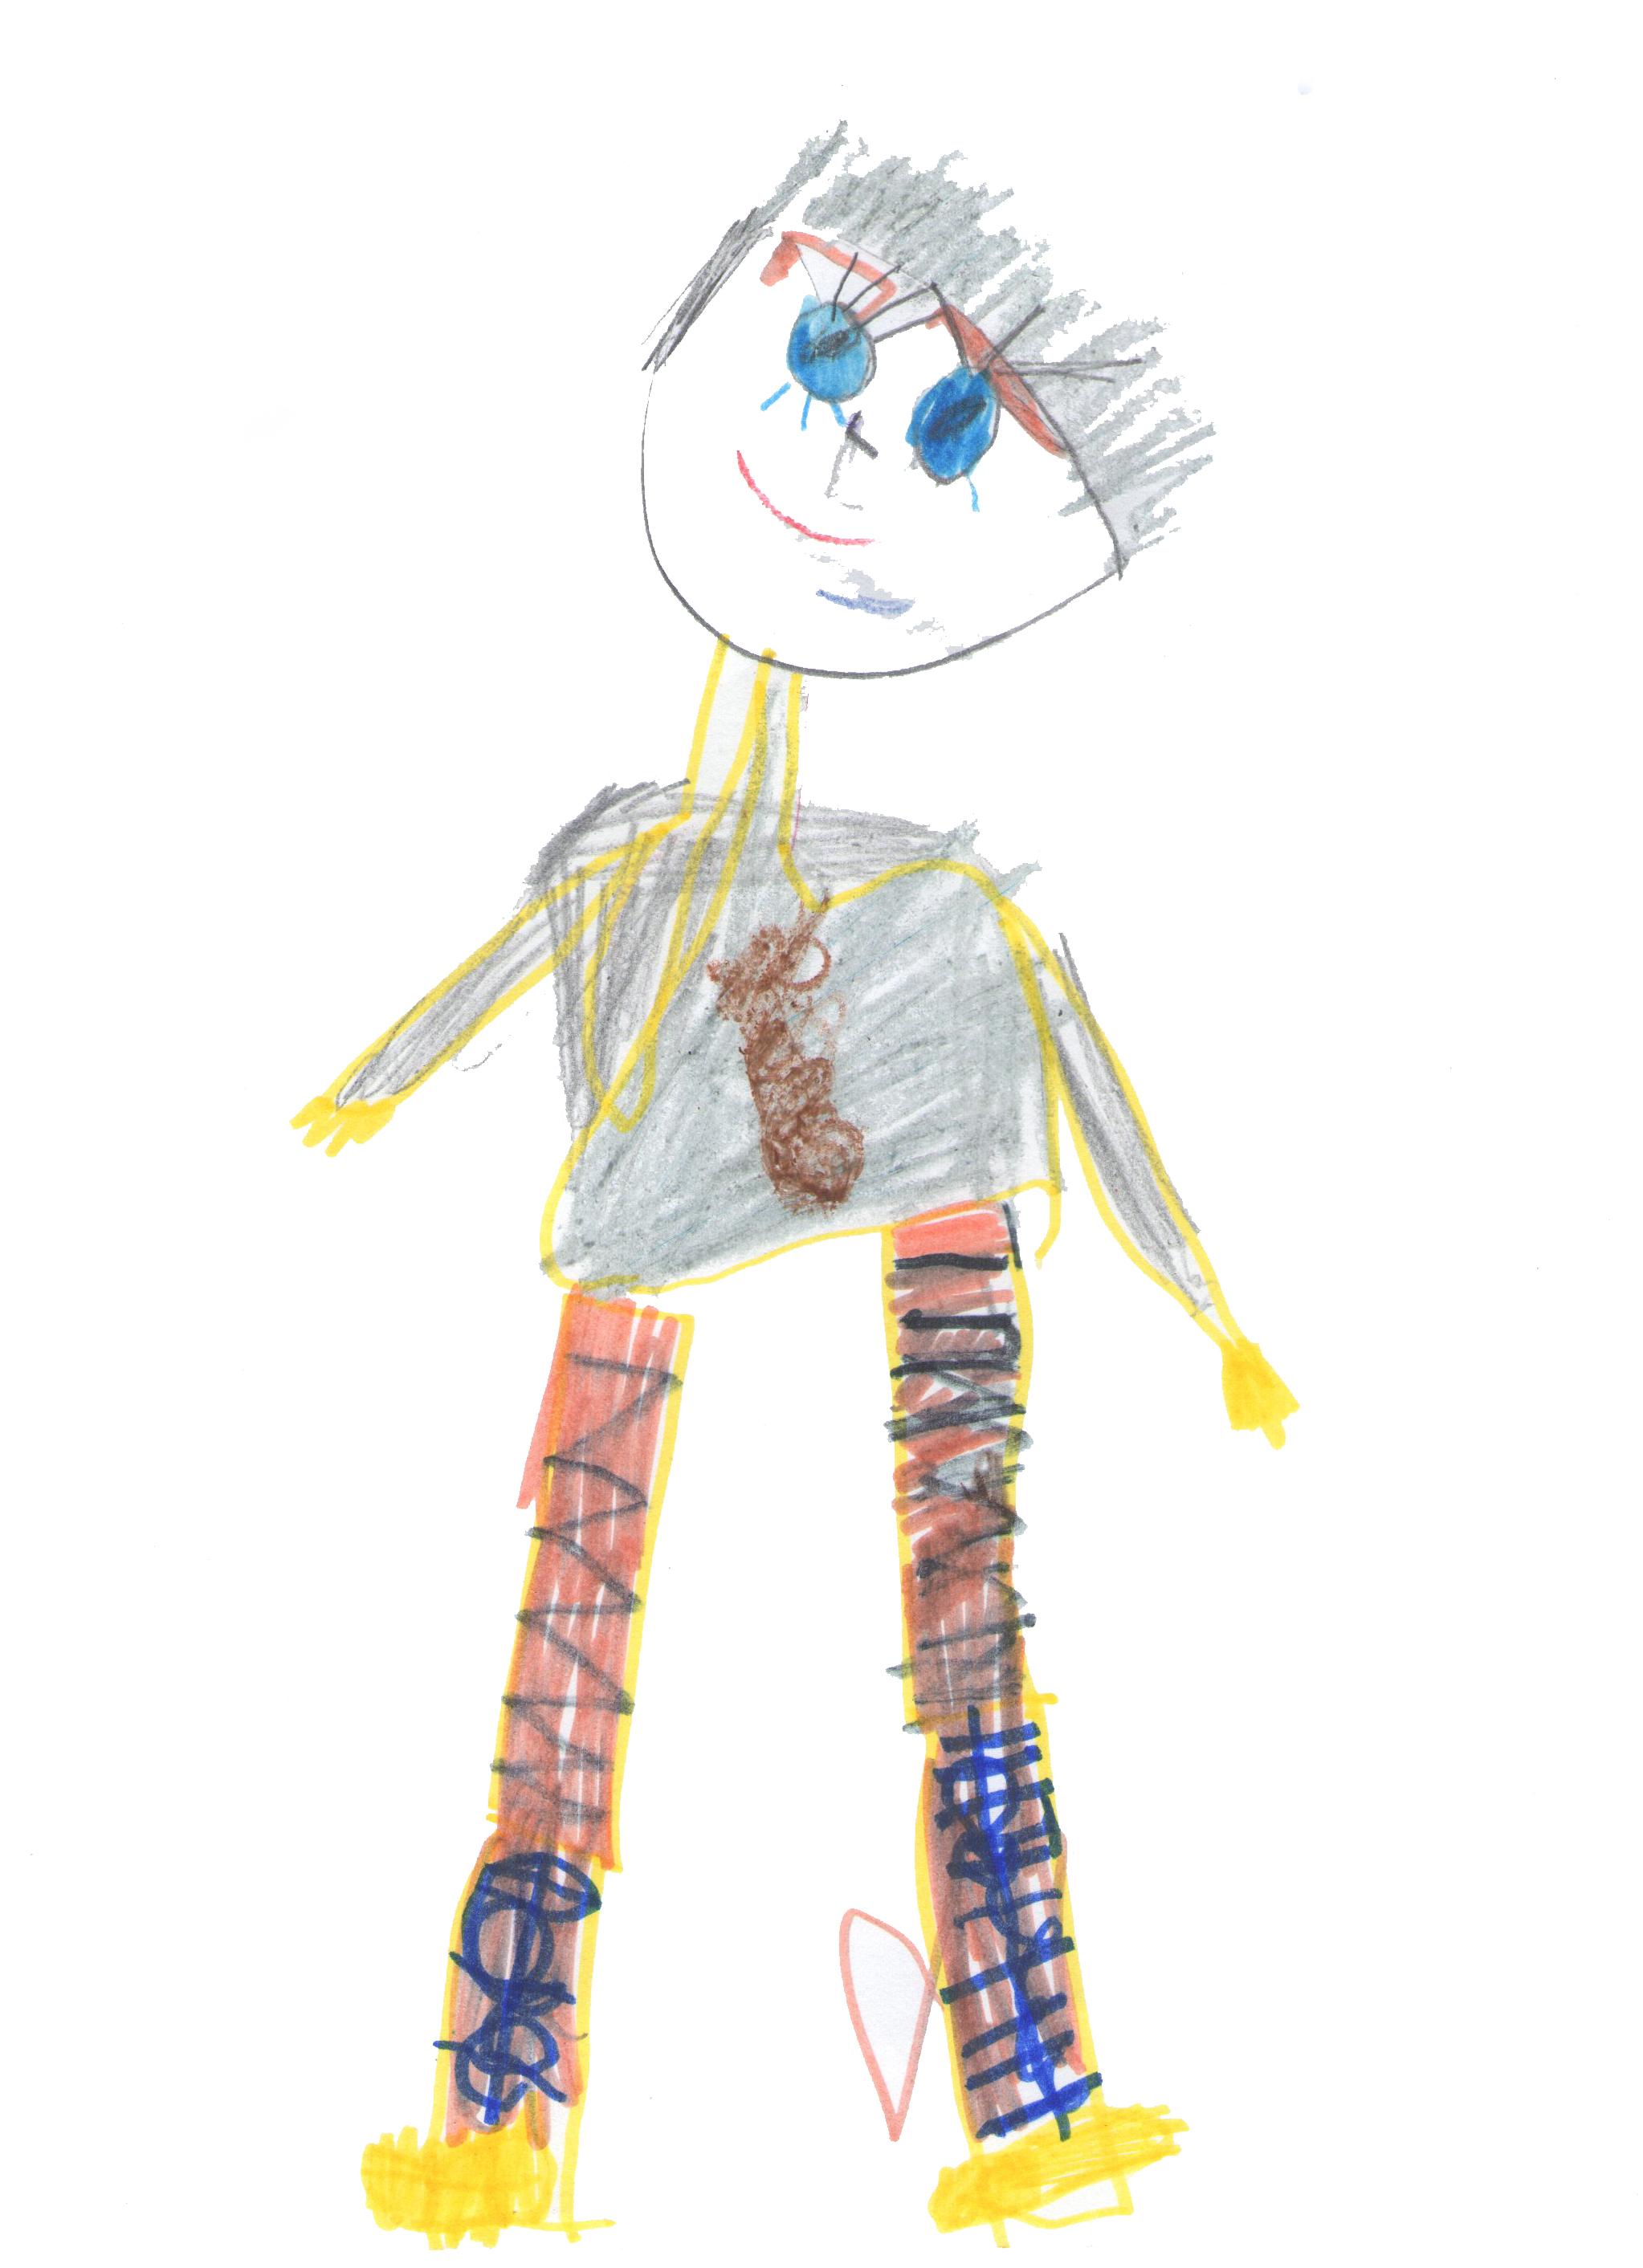 Gambar Seni Gambar Kartun Ilustrasi Mode Desain Busana